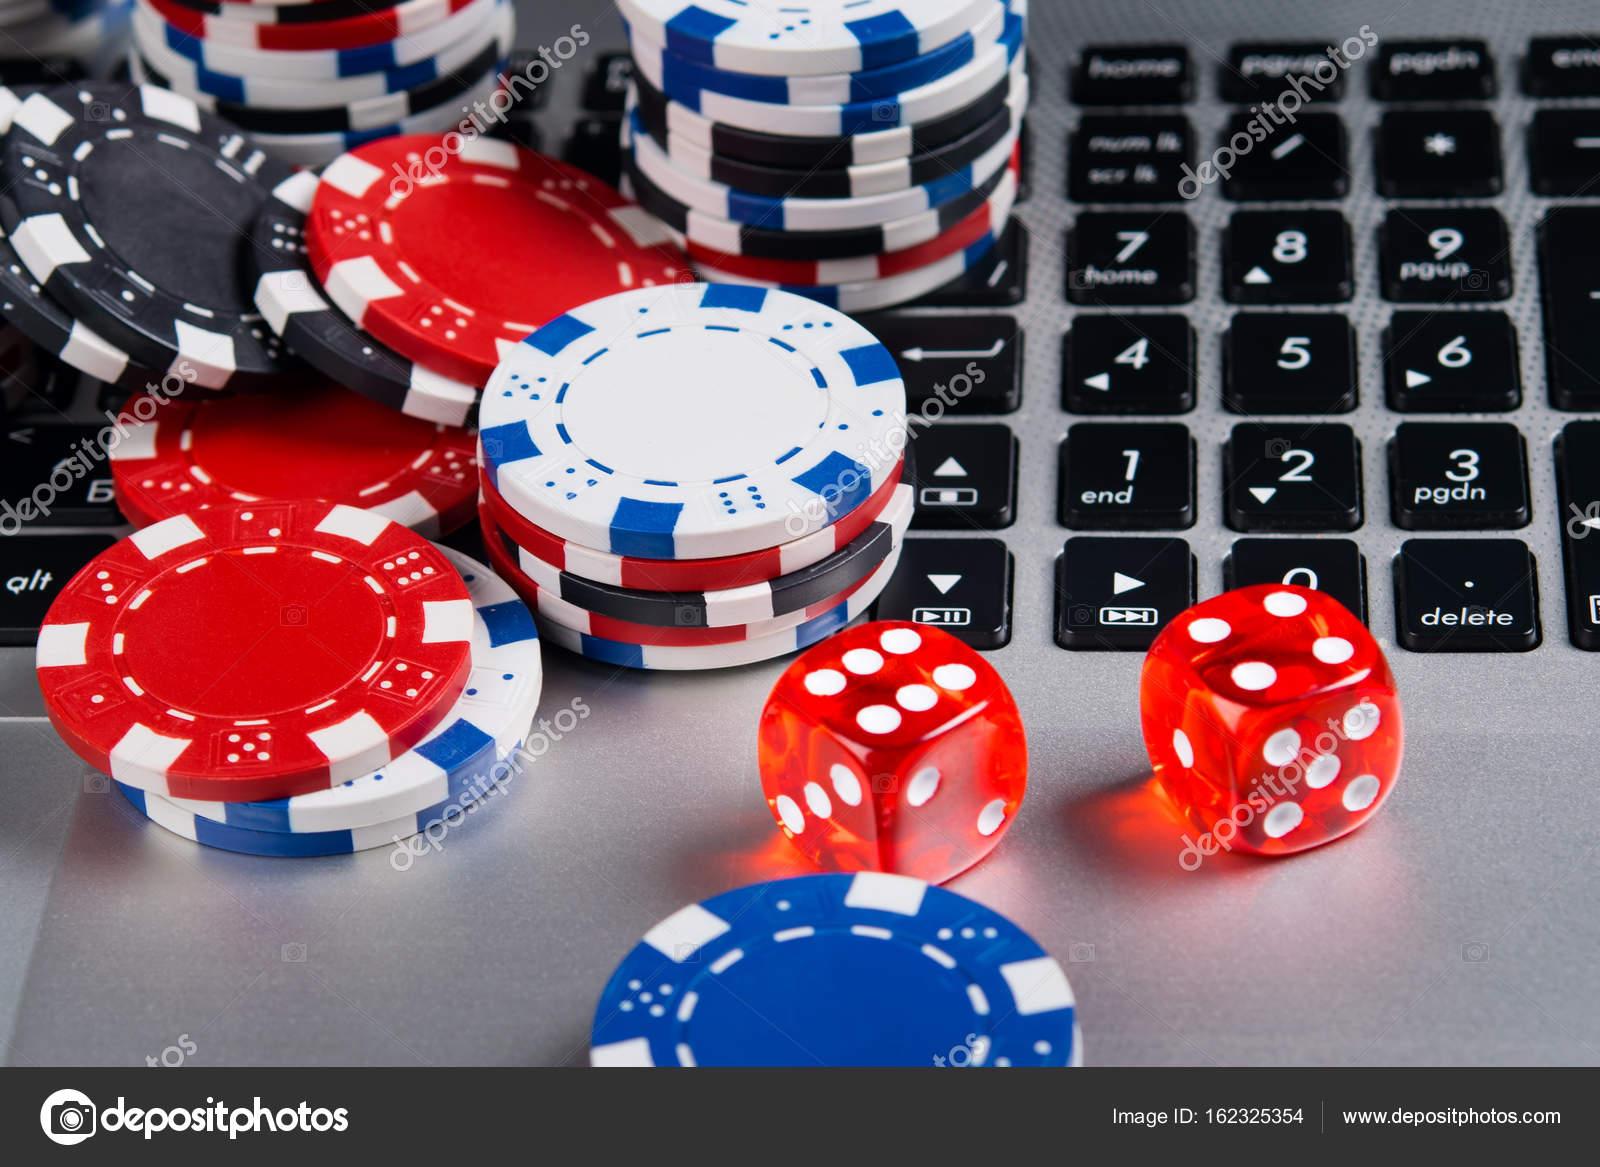 Casino mail ru slot machine full